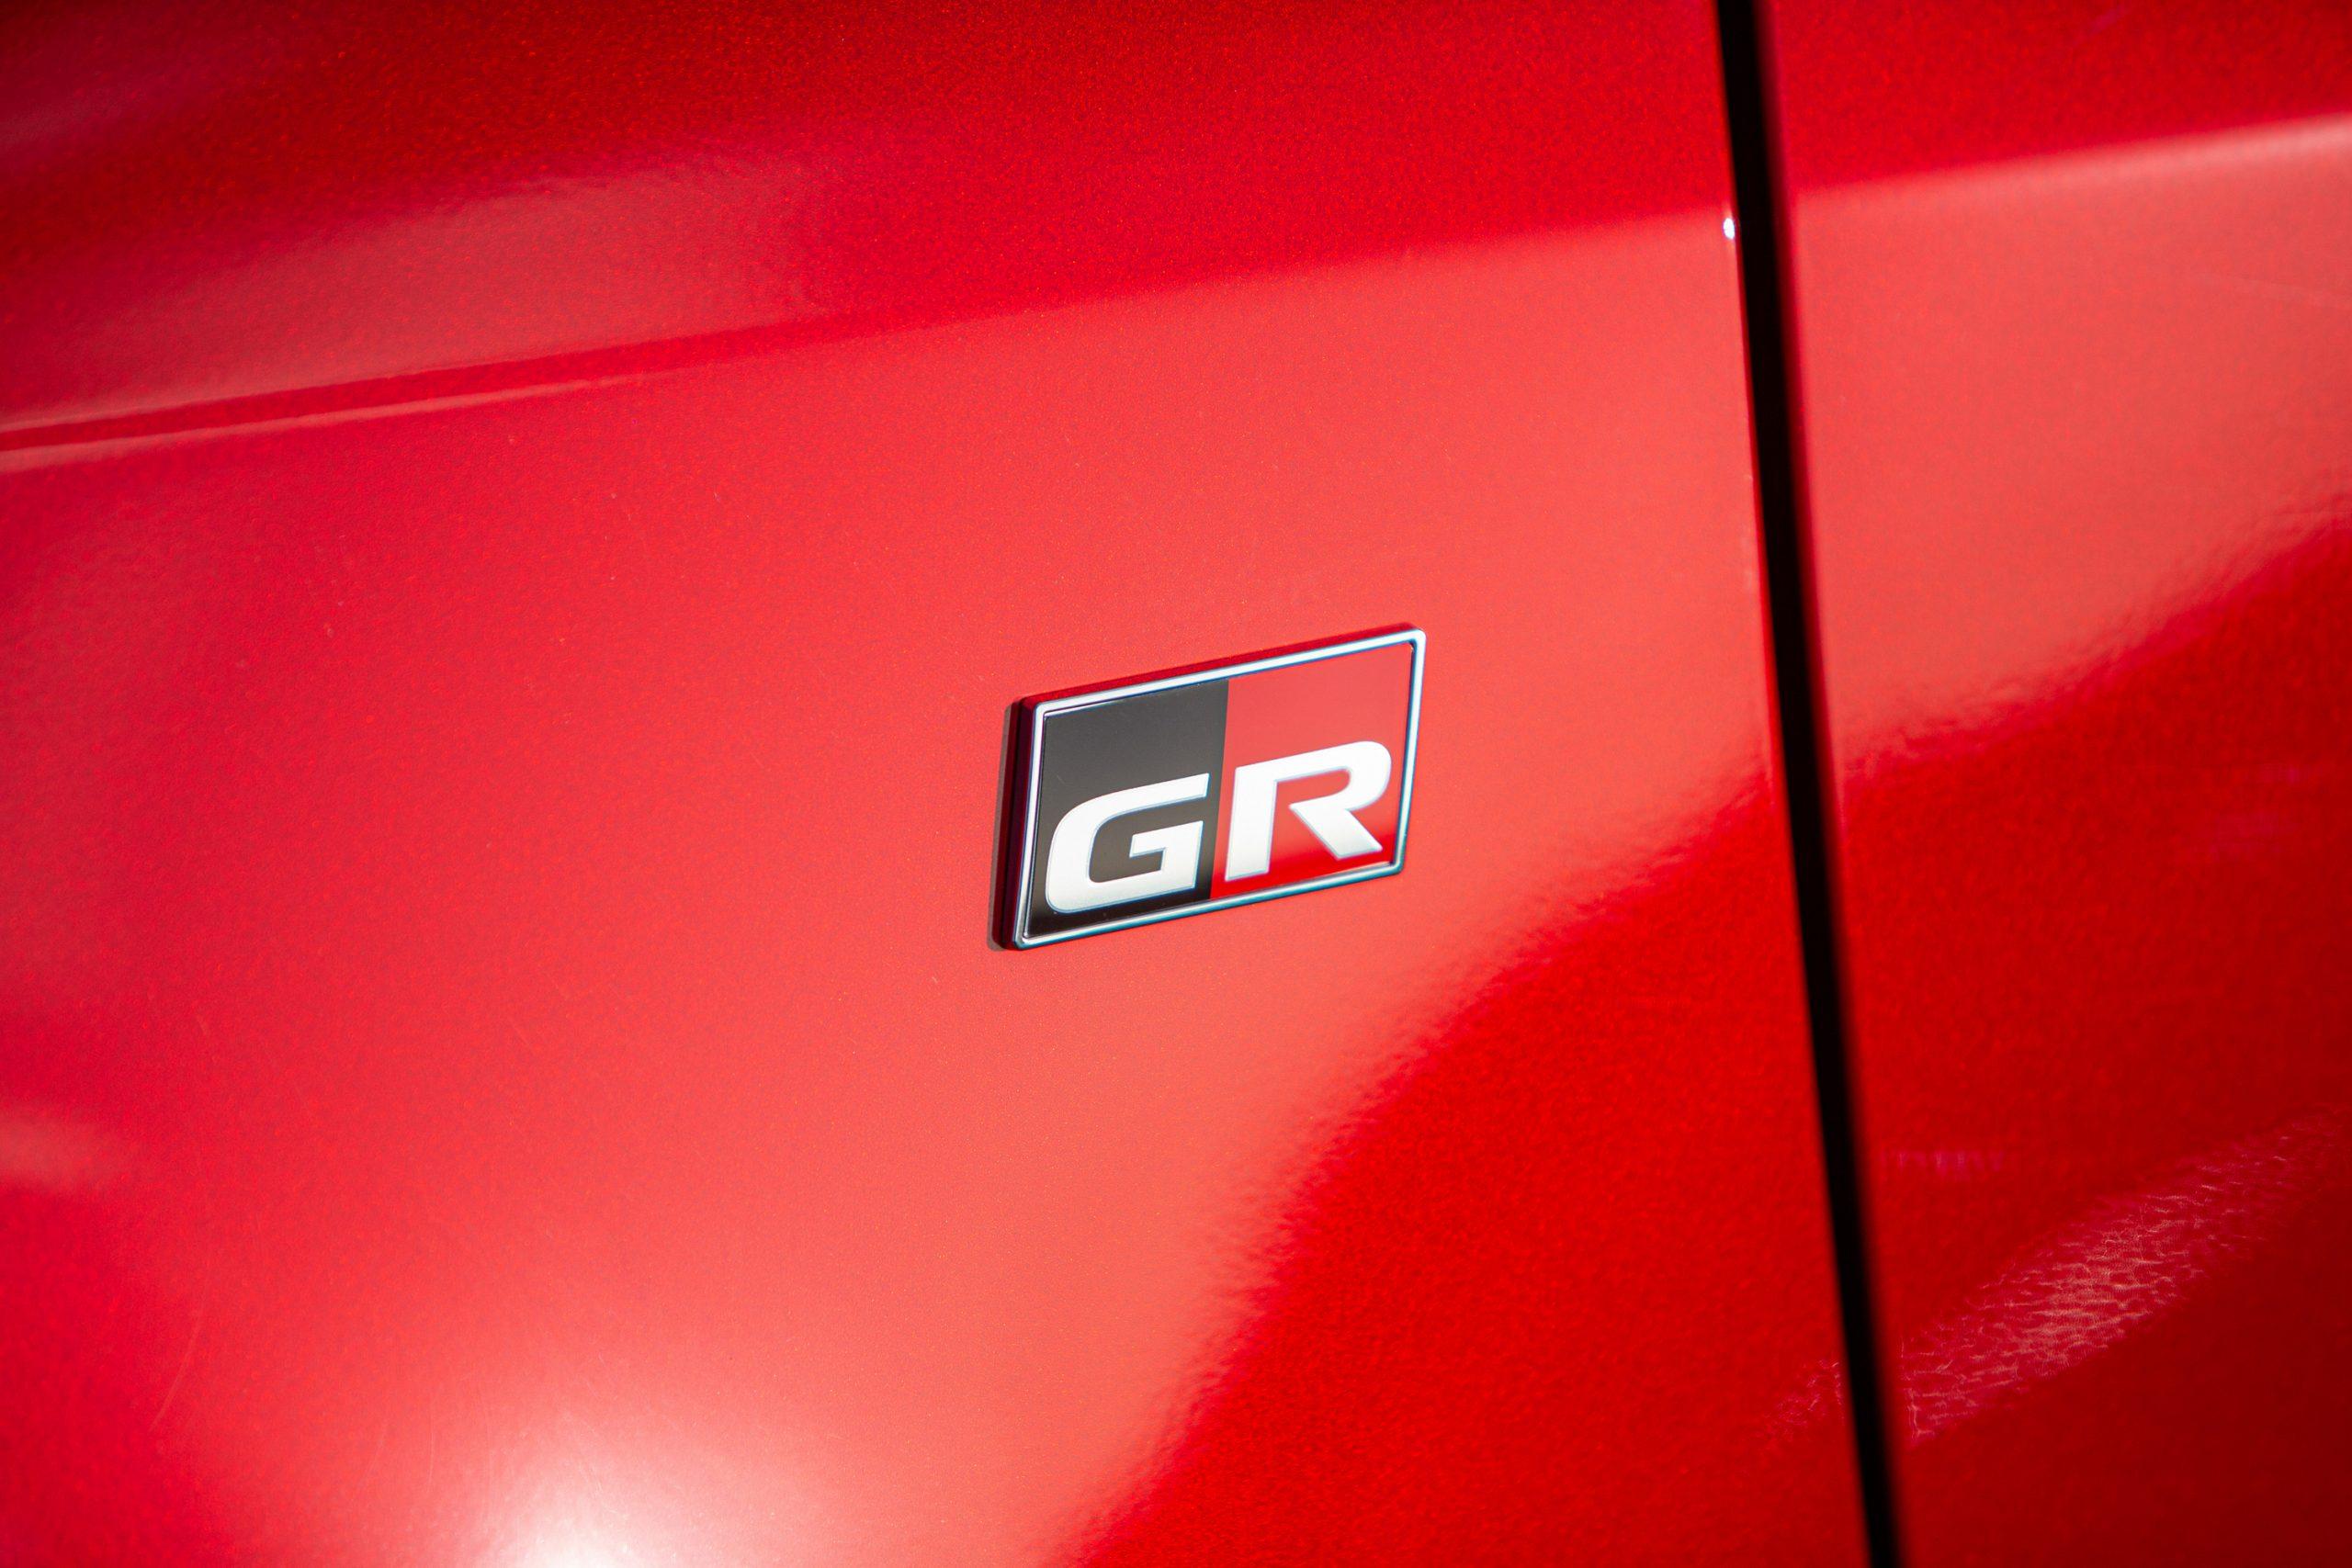 GR Toyota Yaris side panel logo badge detail